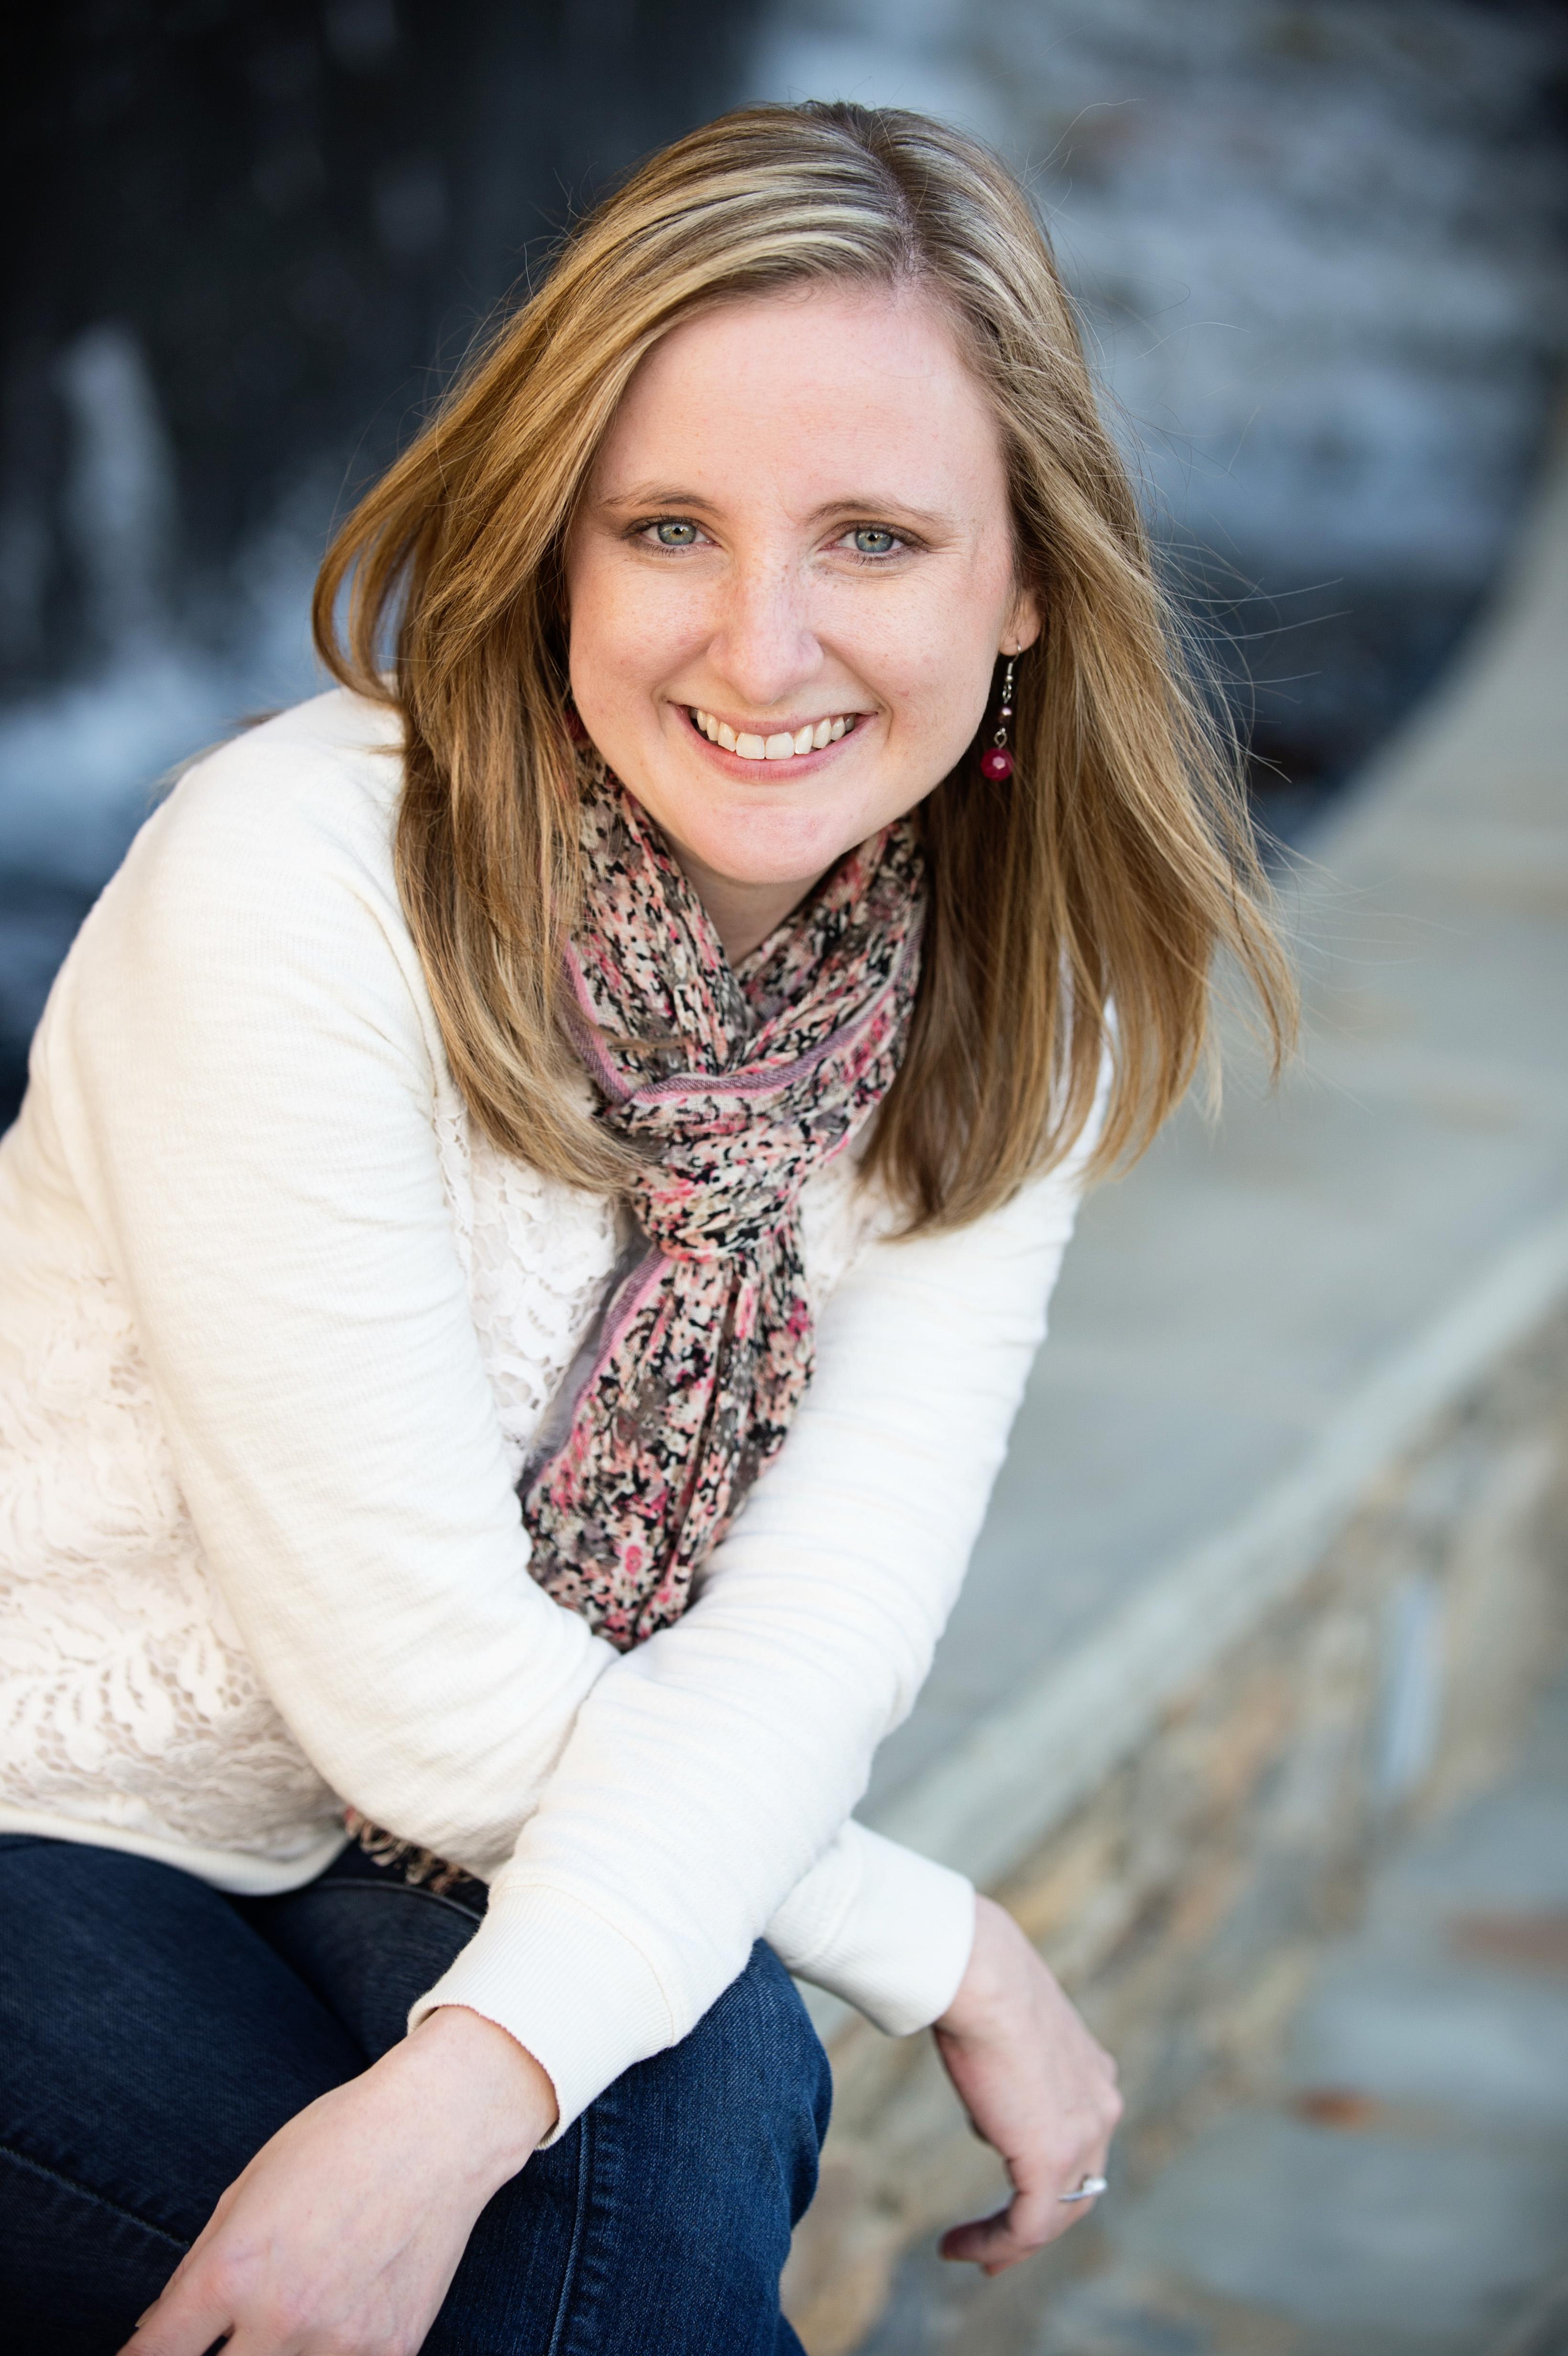 Katie Preuss